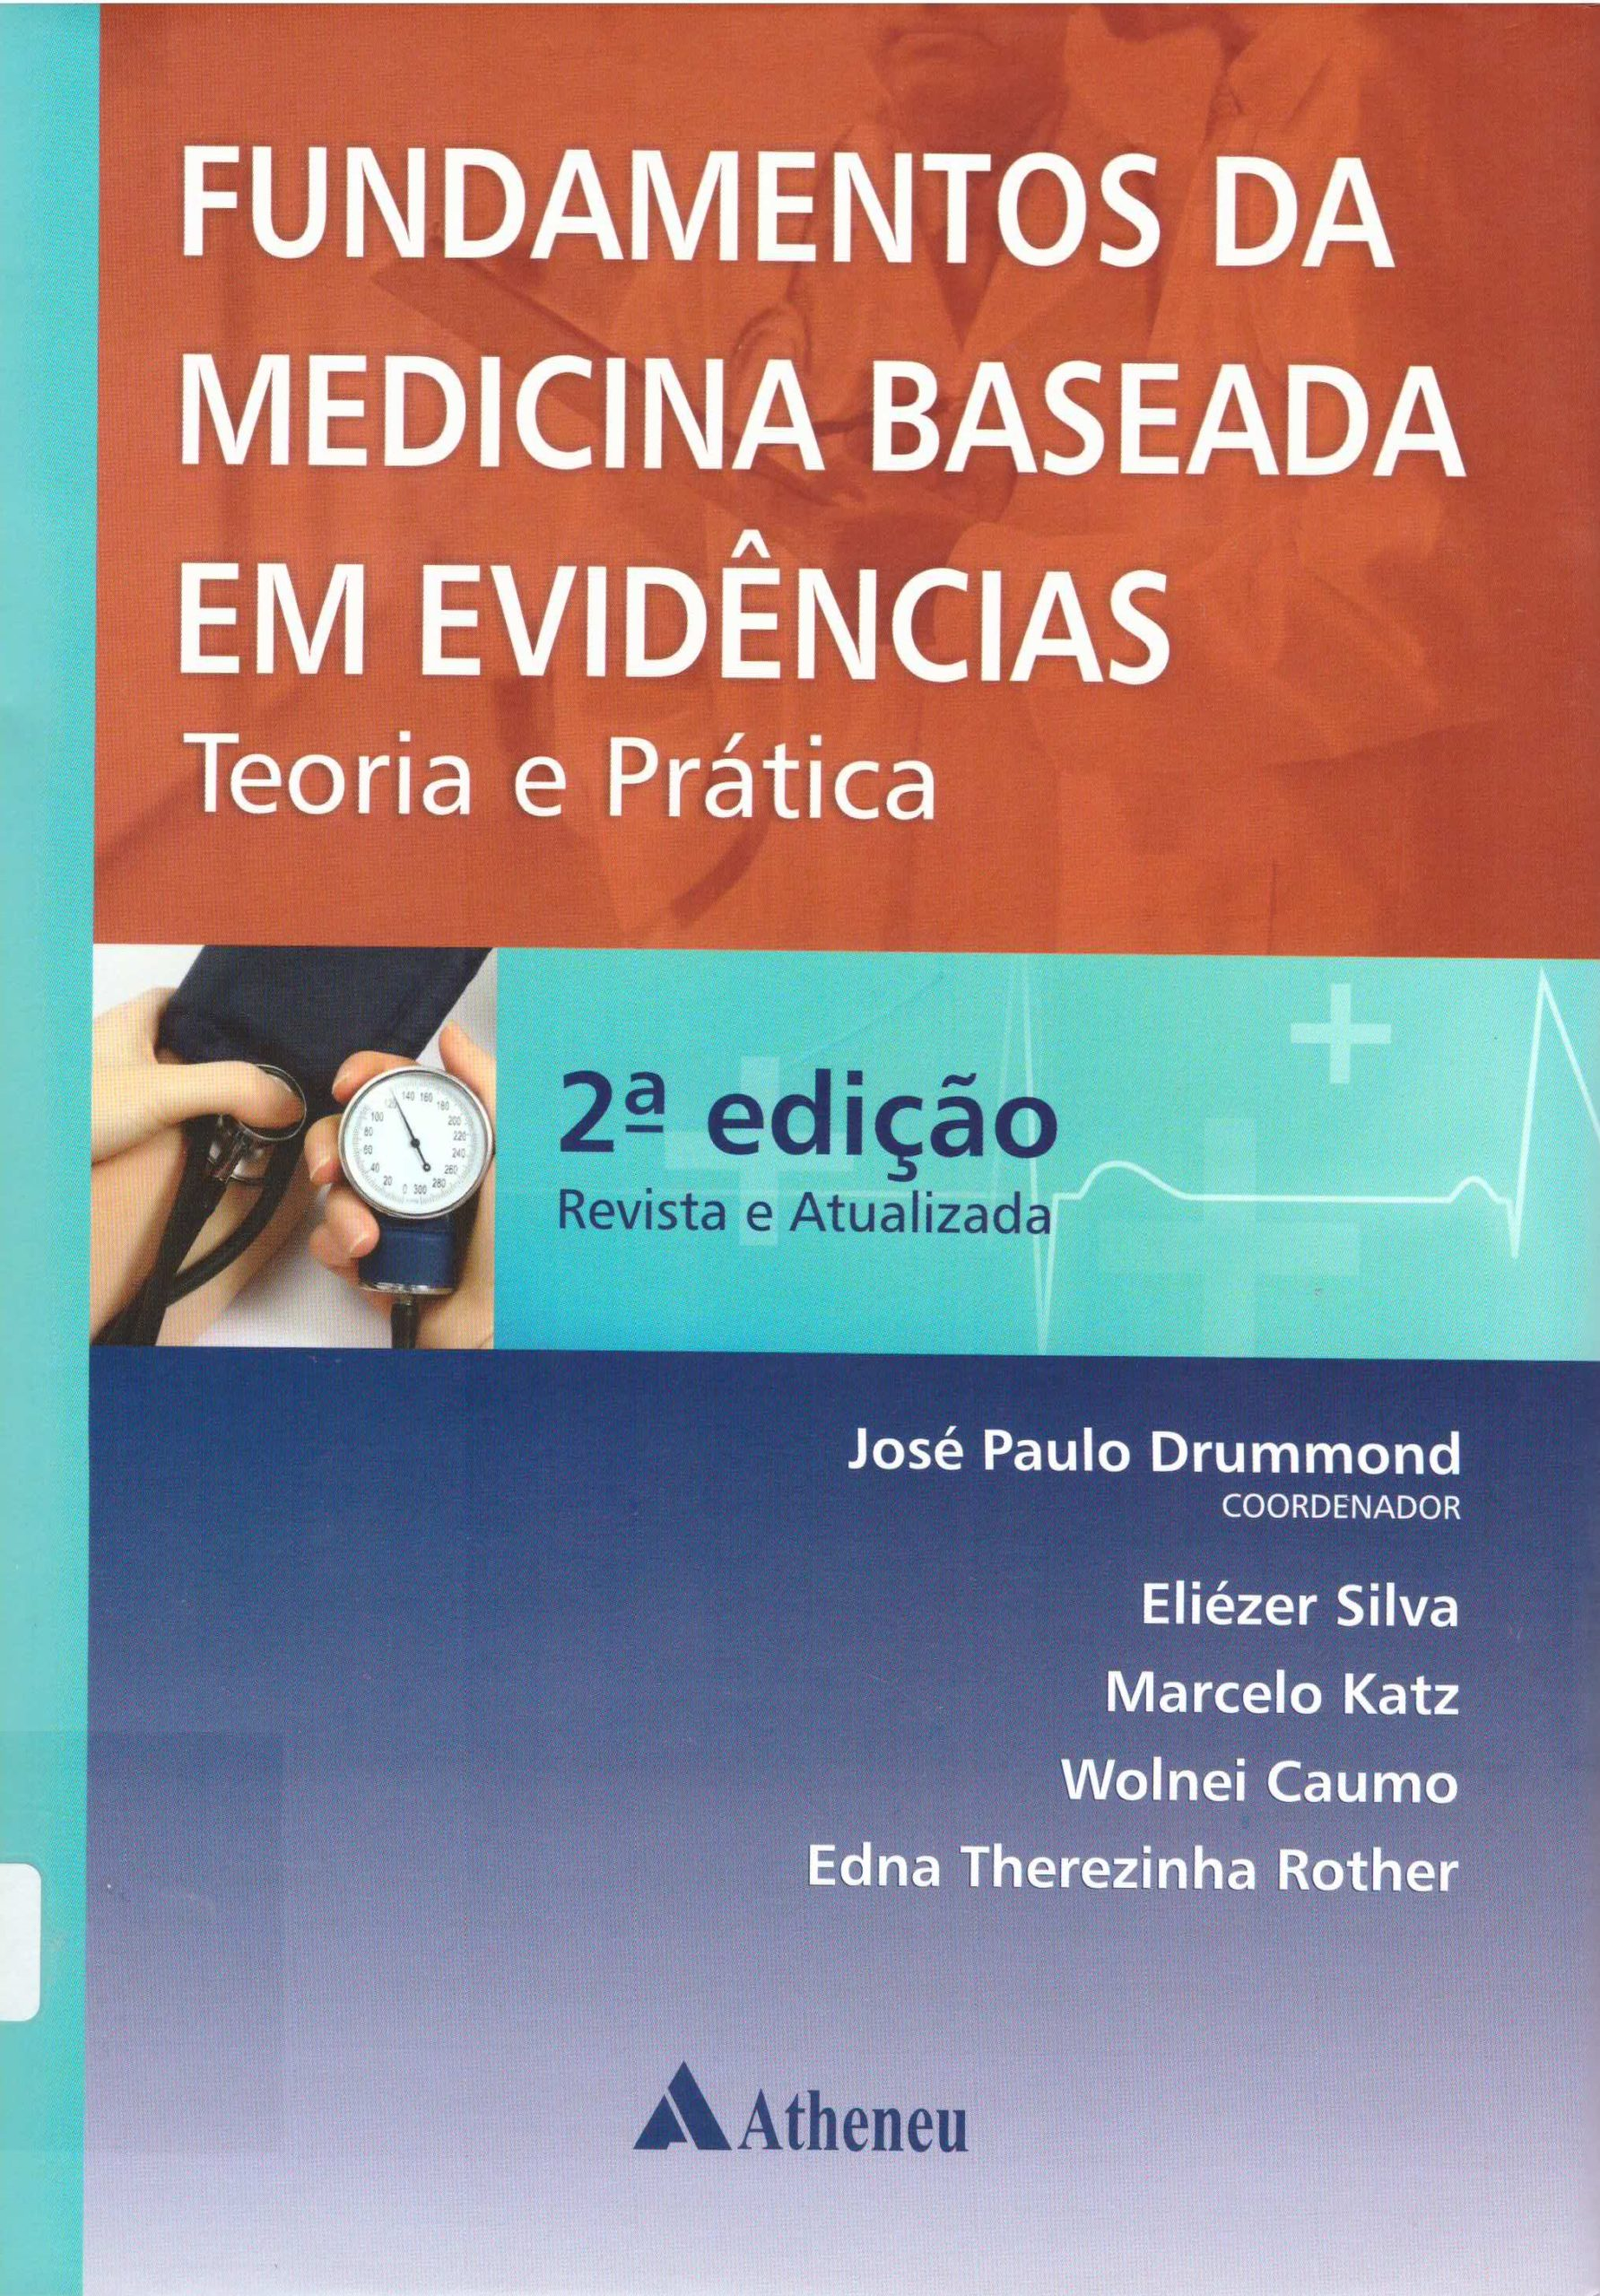 fundamentos da medicina baseada em evidências